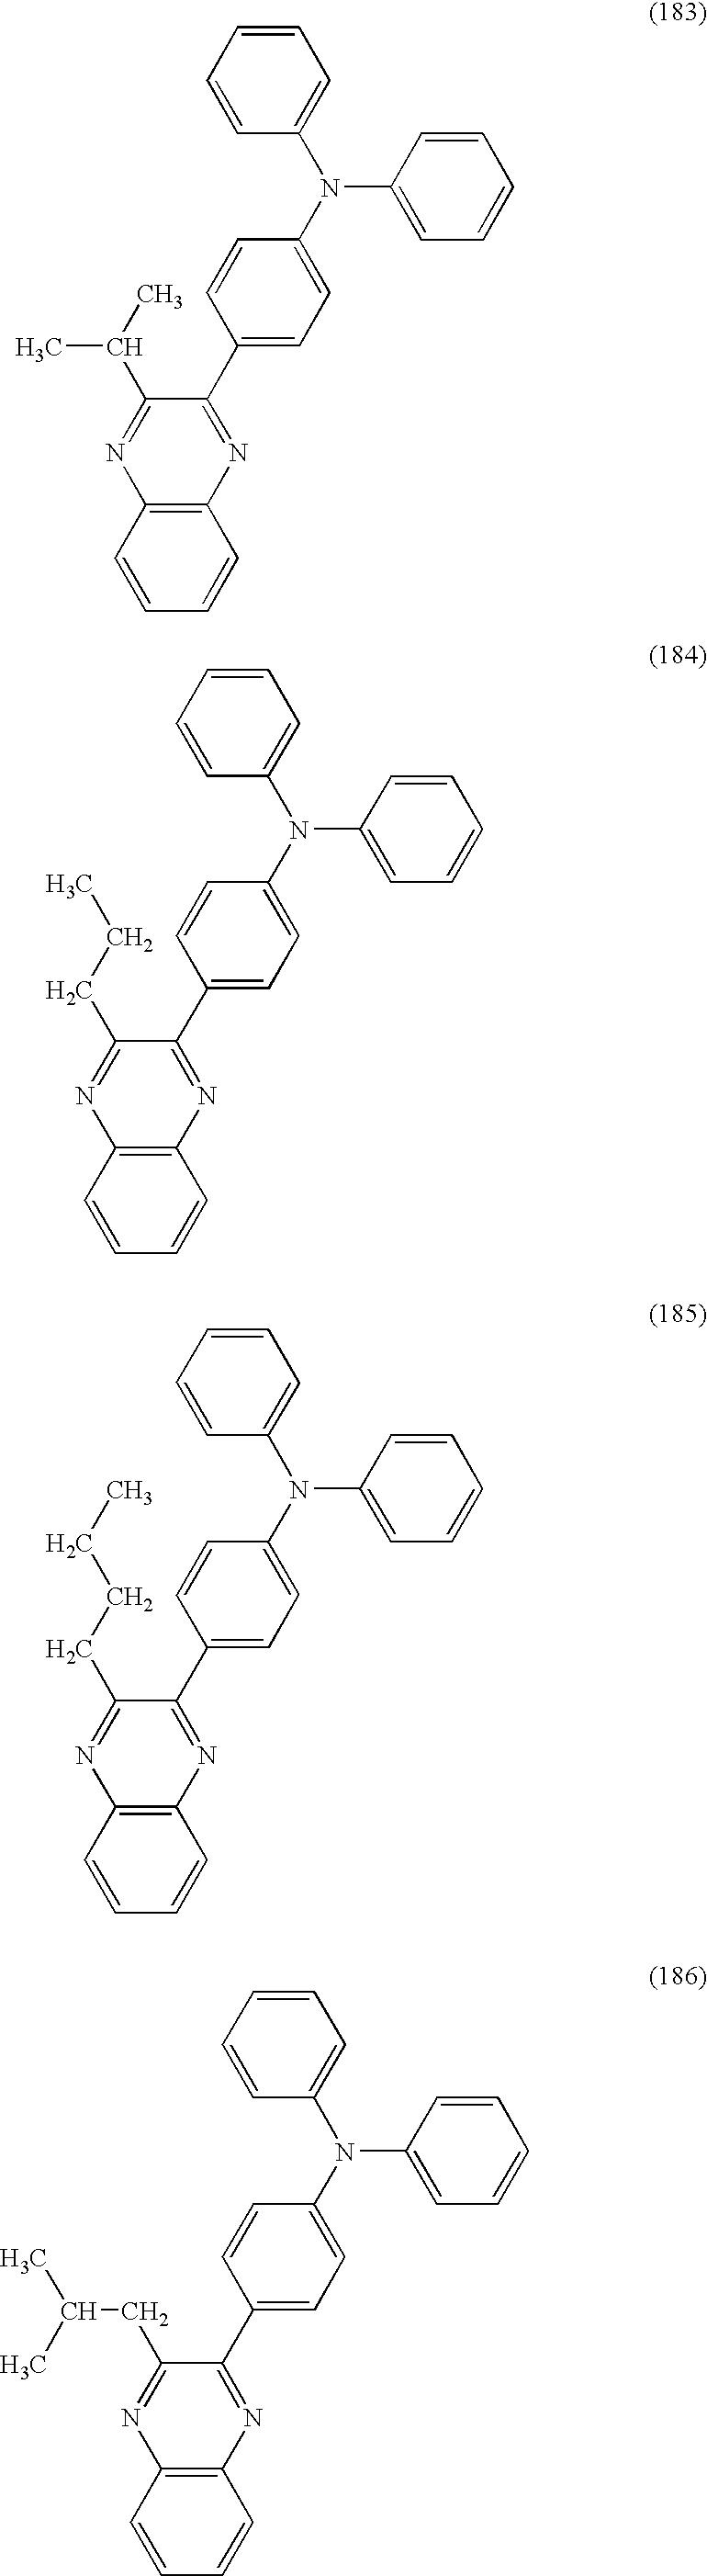 Figure US08178216-20120515-C00063